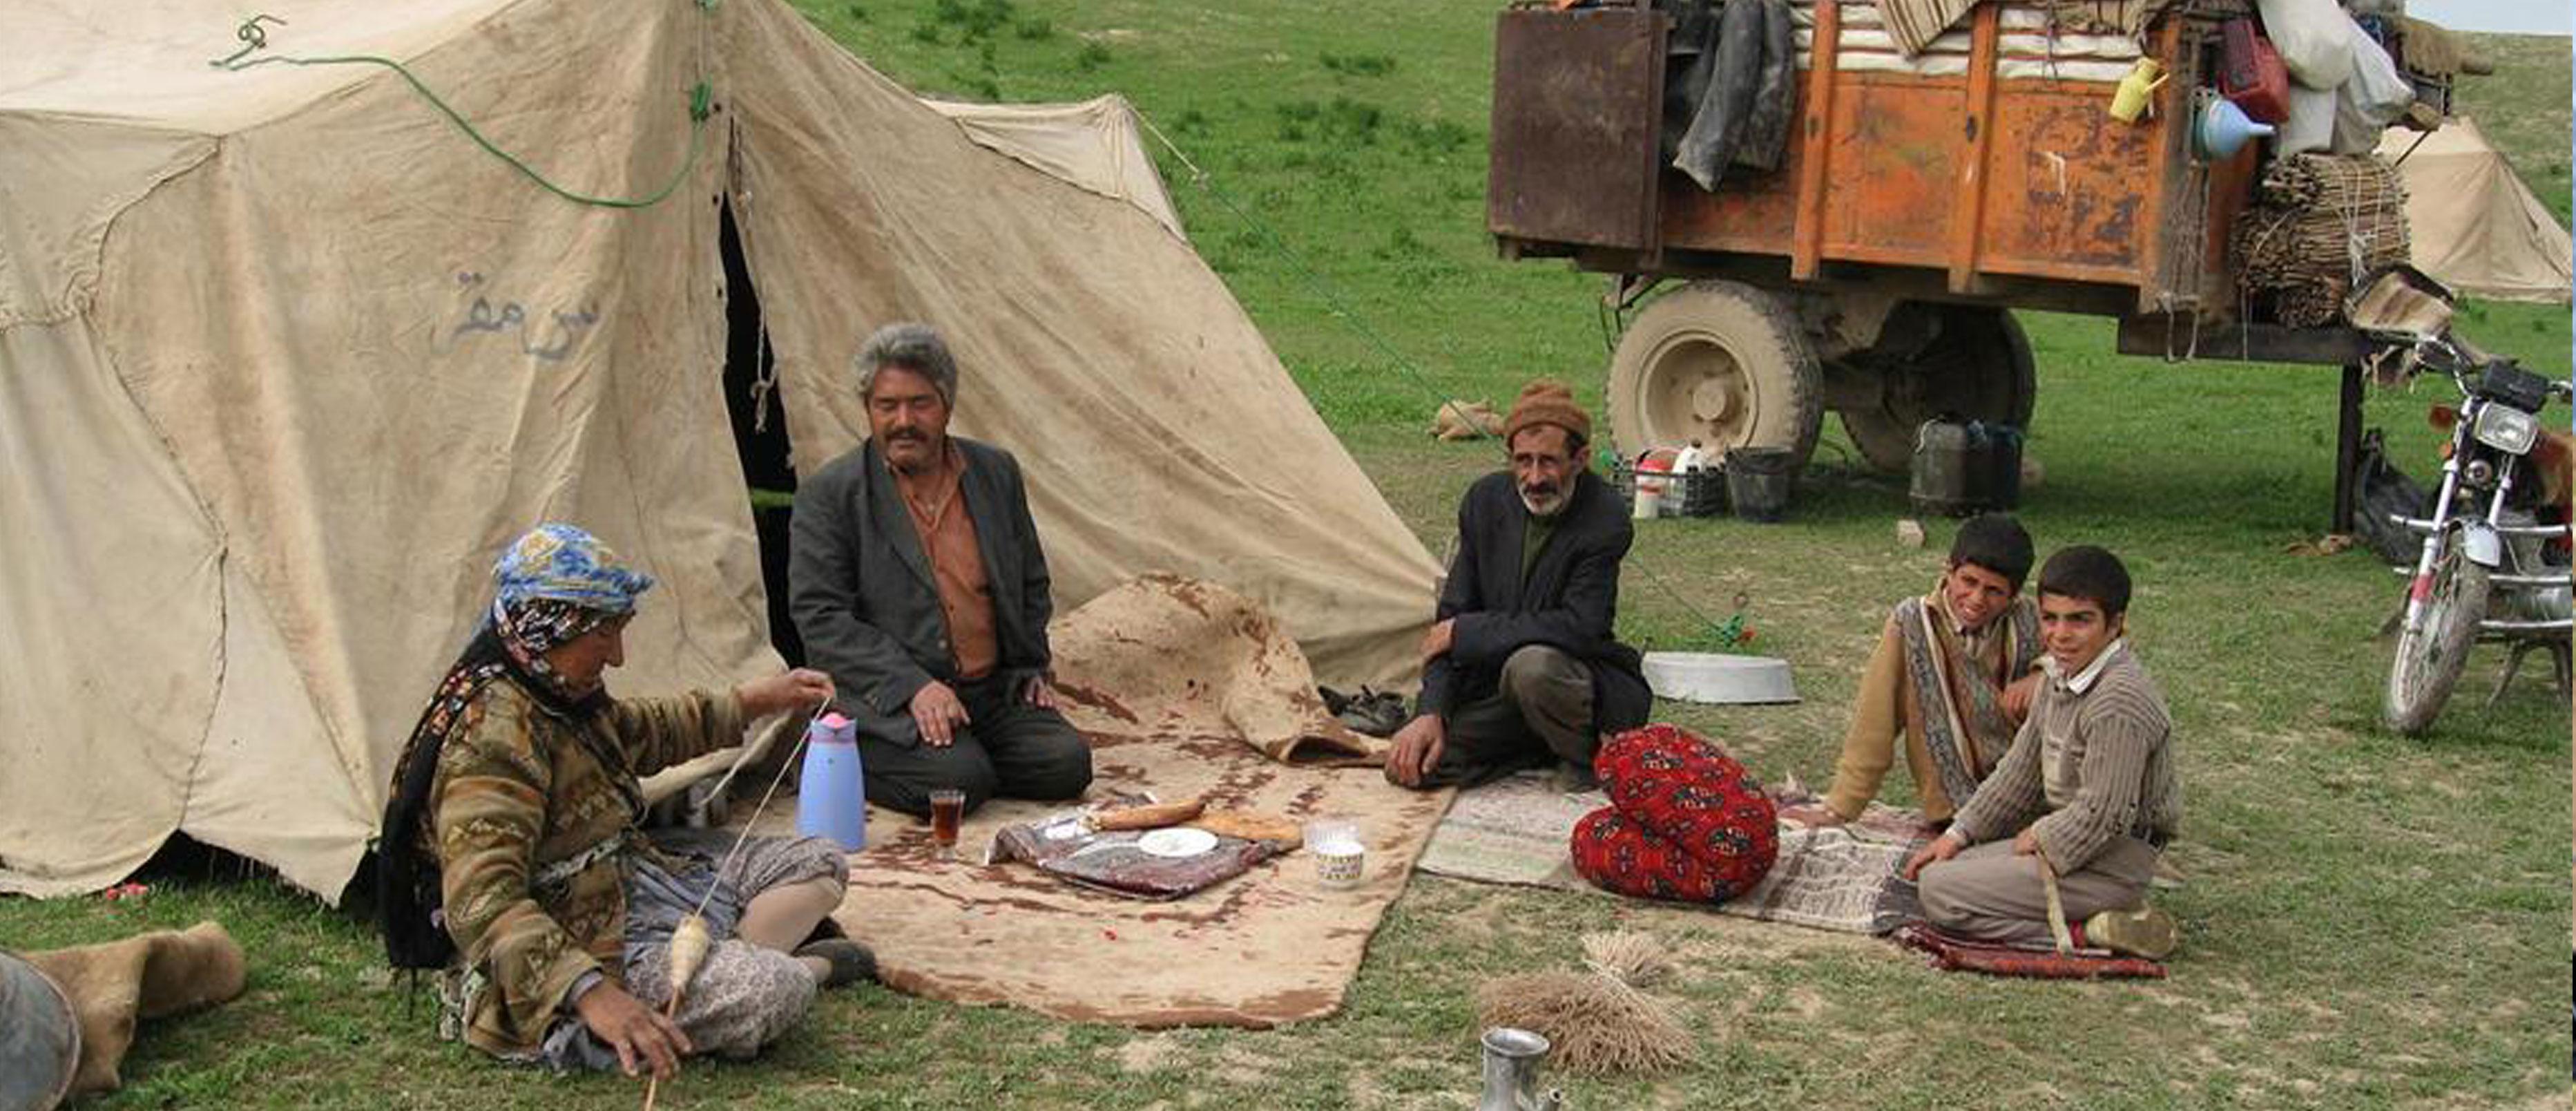 Nomad-Tour-in-Iran